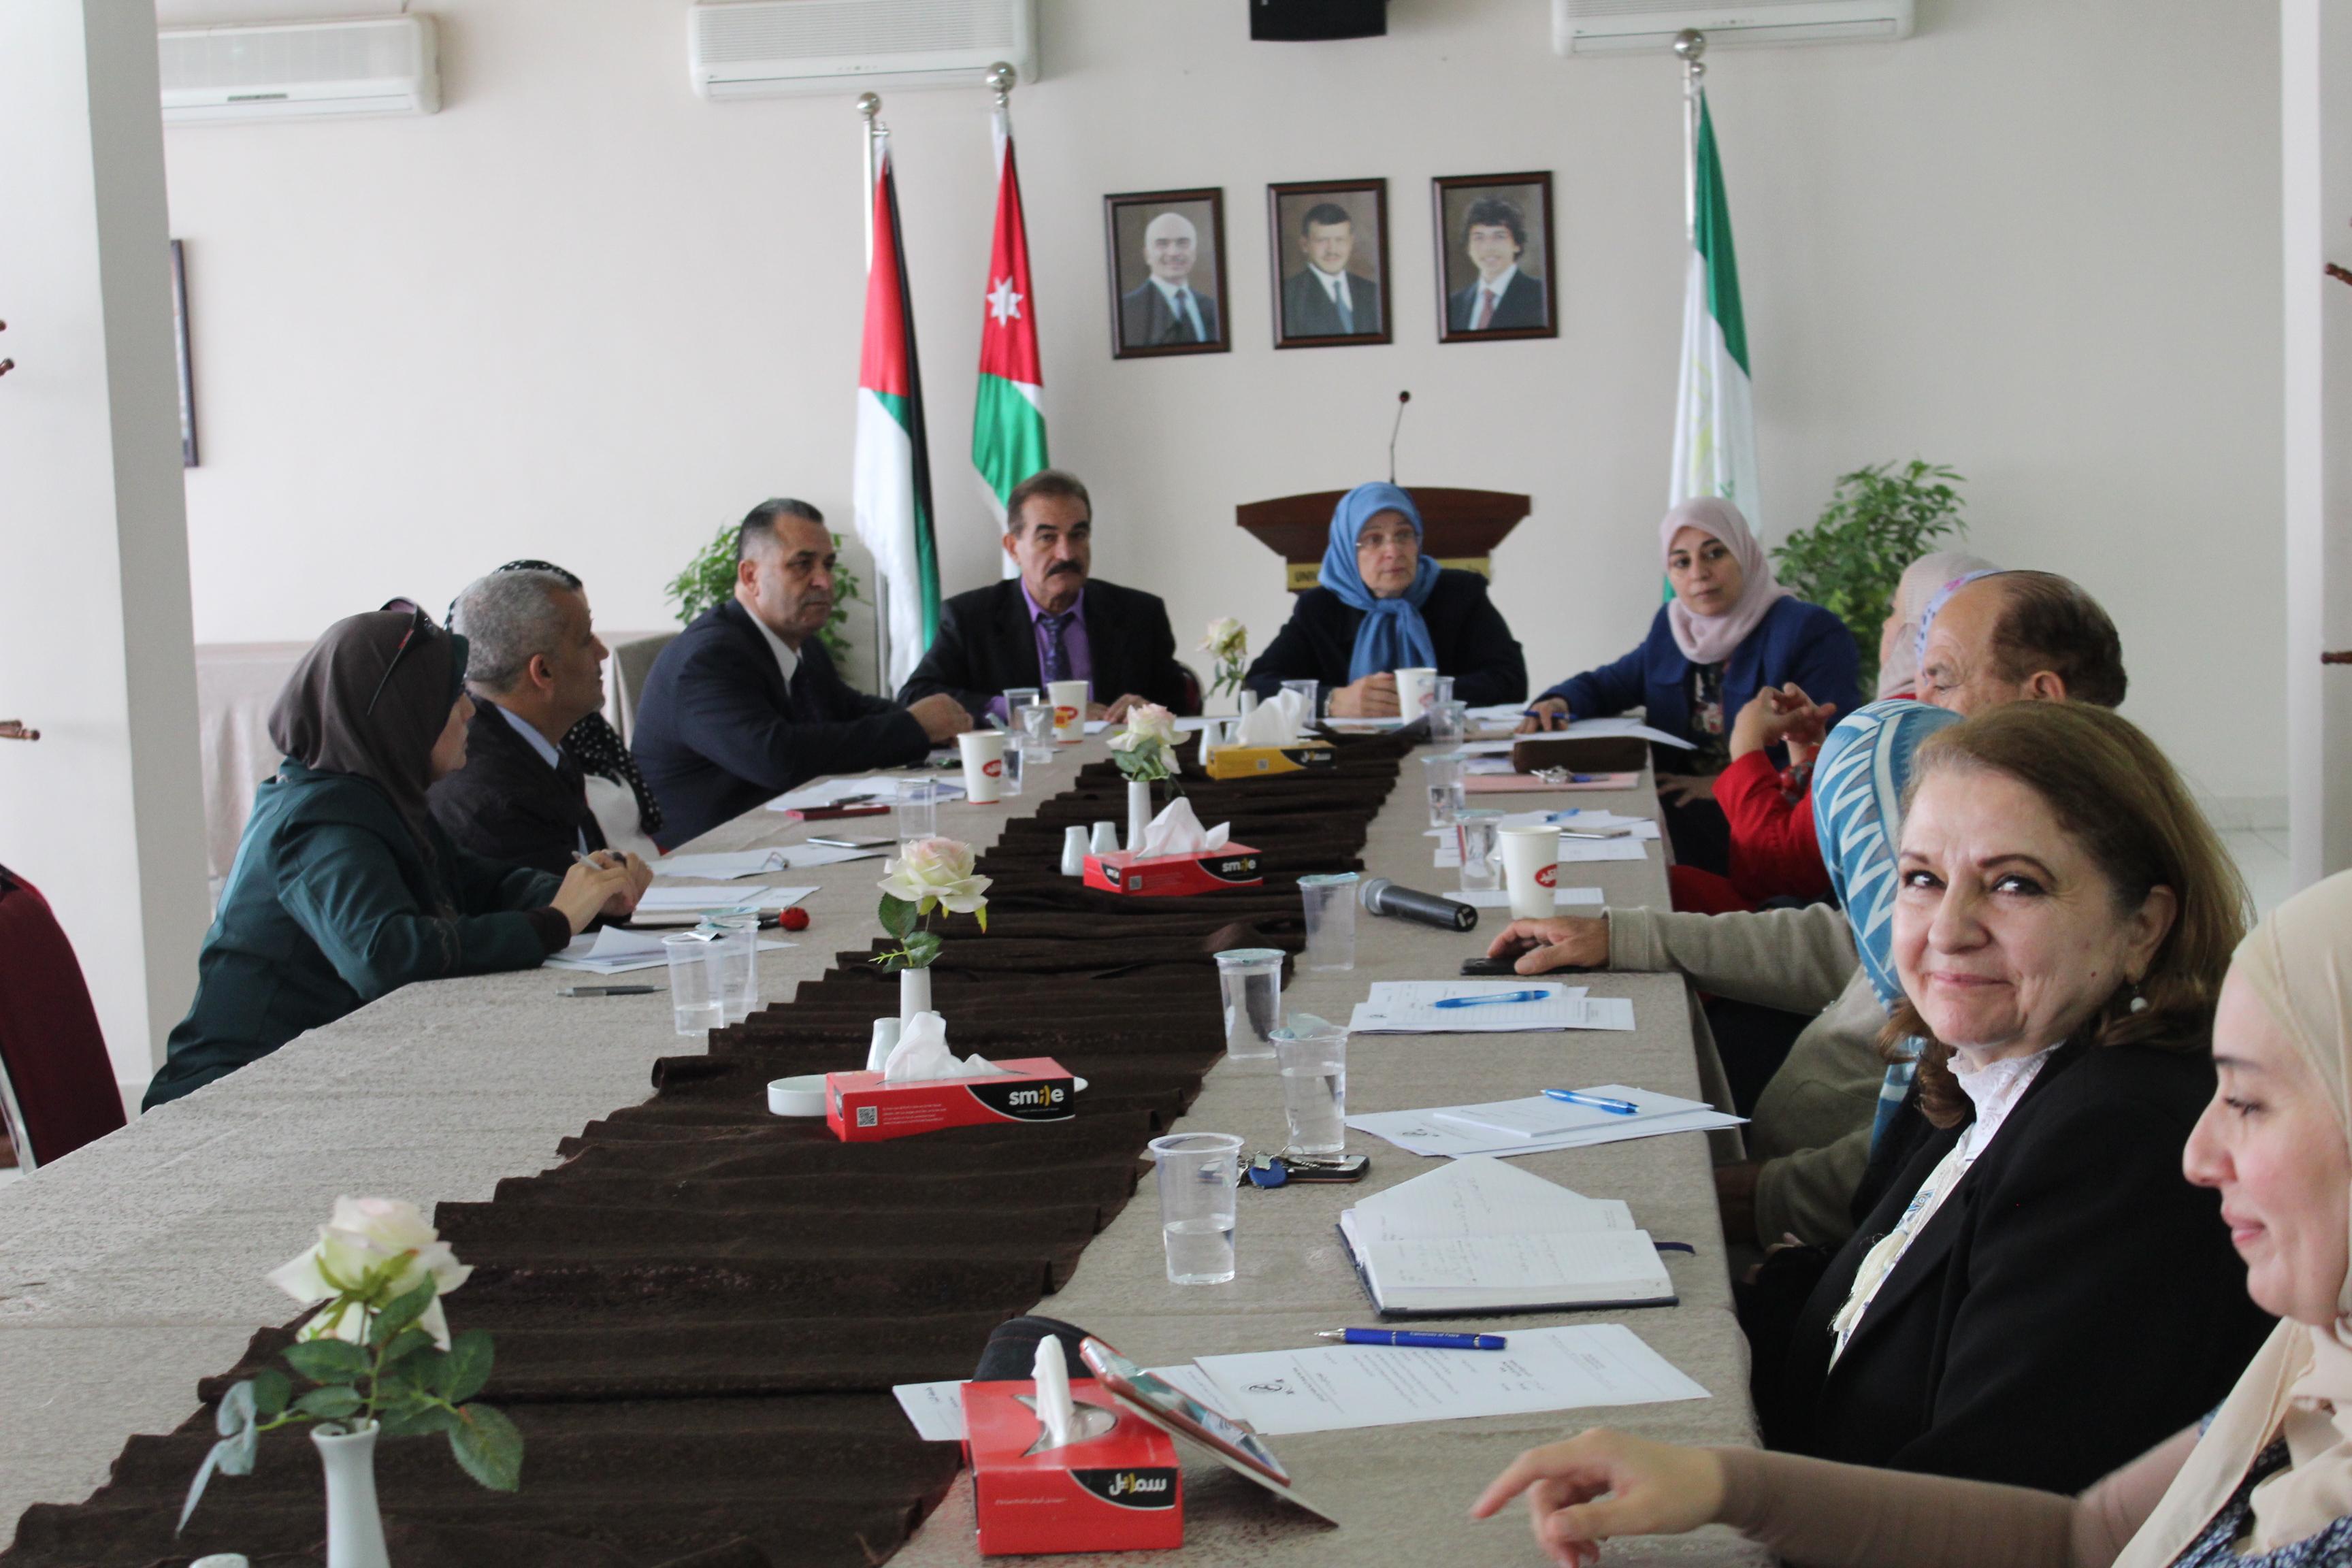 اعضاء اتحاد الجامعات الاردنية يشيد بجهود جامعة البترا الداعمة للاتحاد